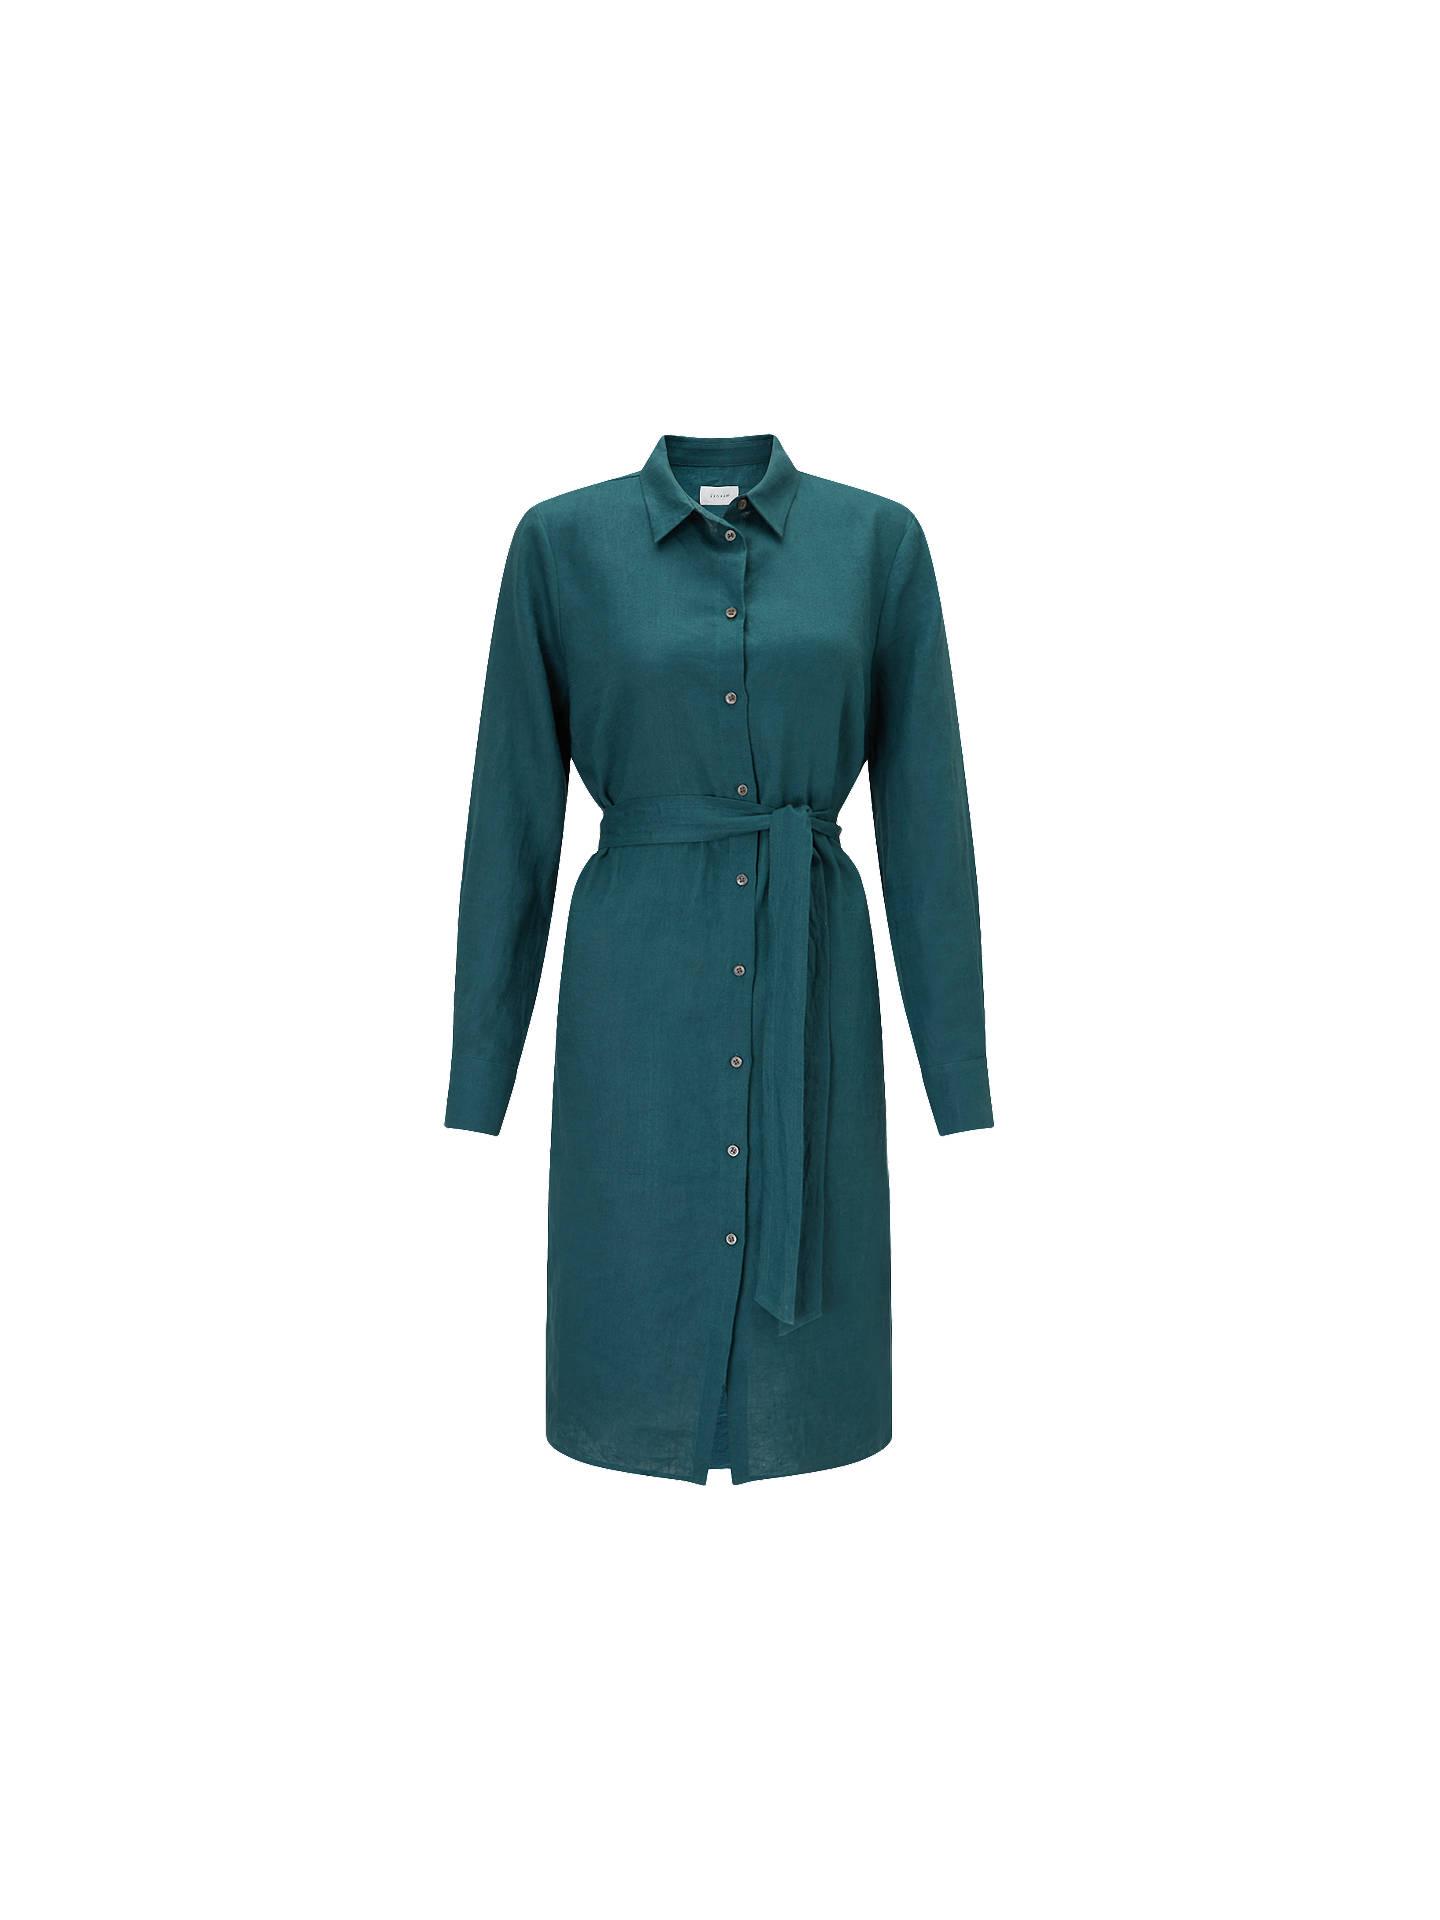 2720bf7b82 ... Buy Jigsaw Linen Shirt Dress